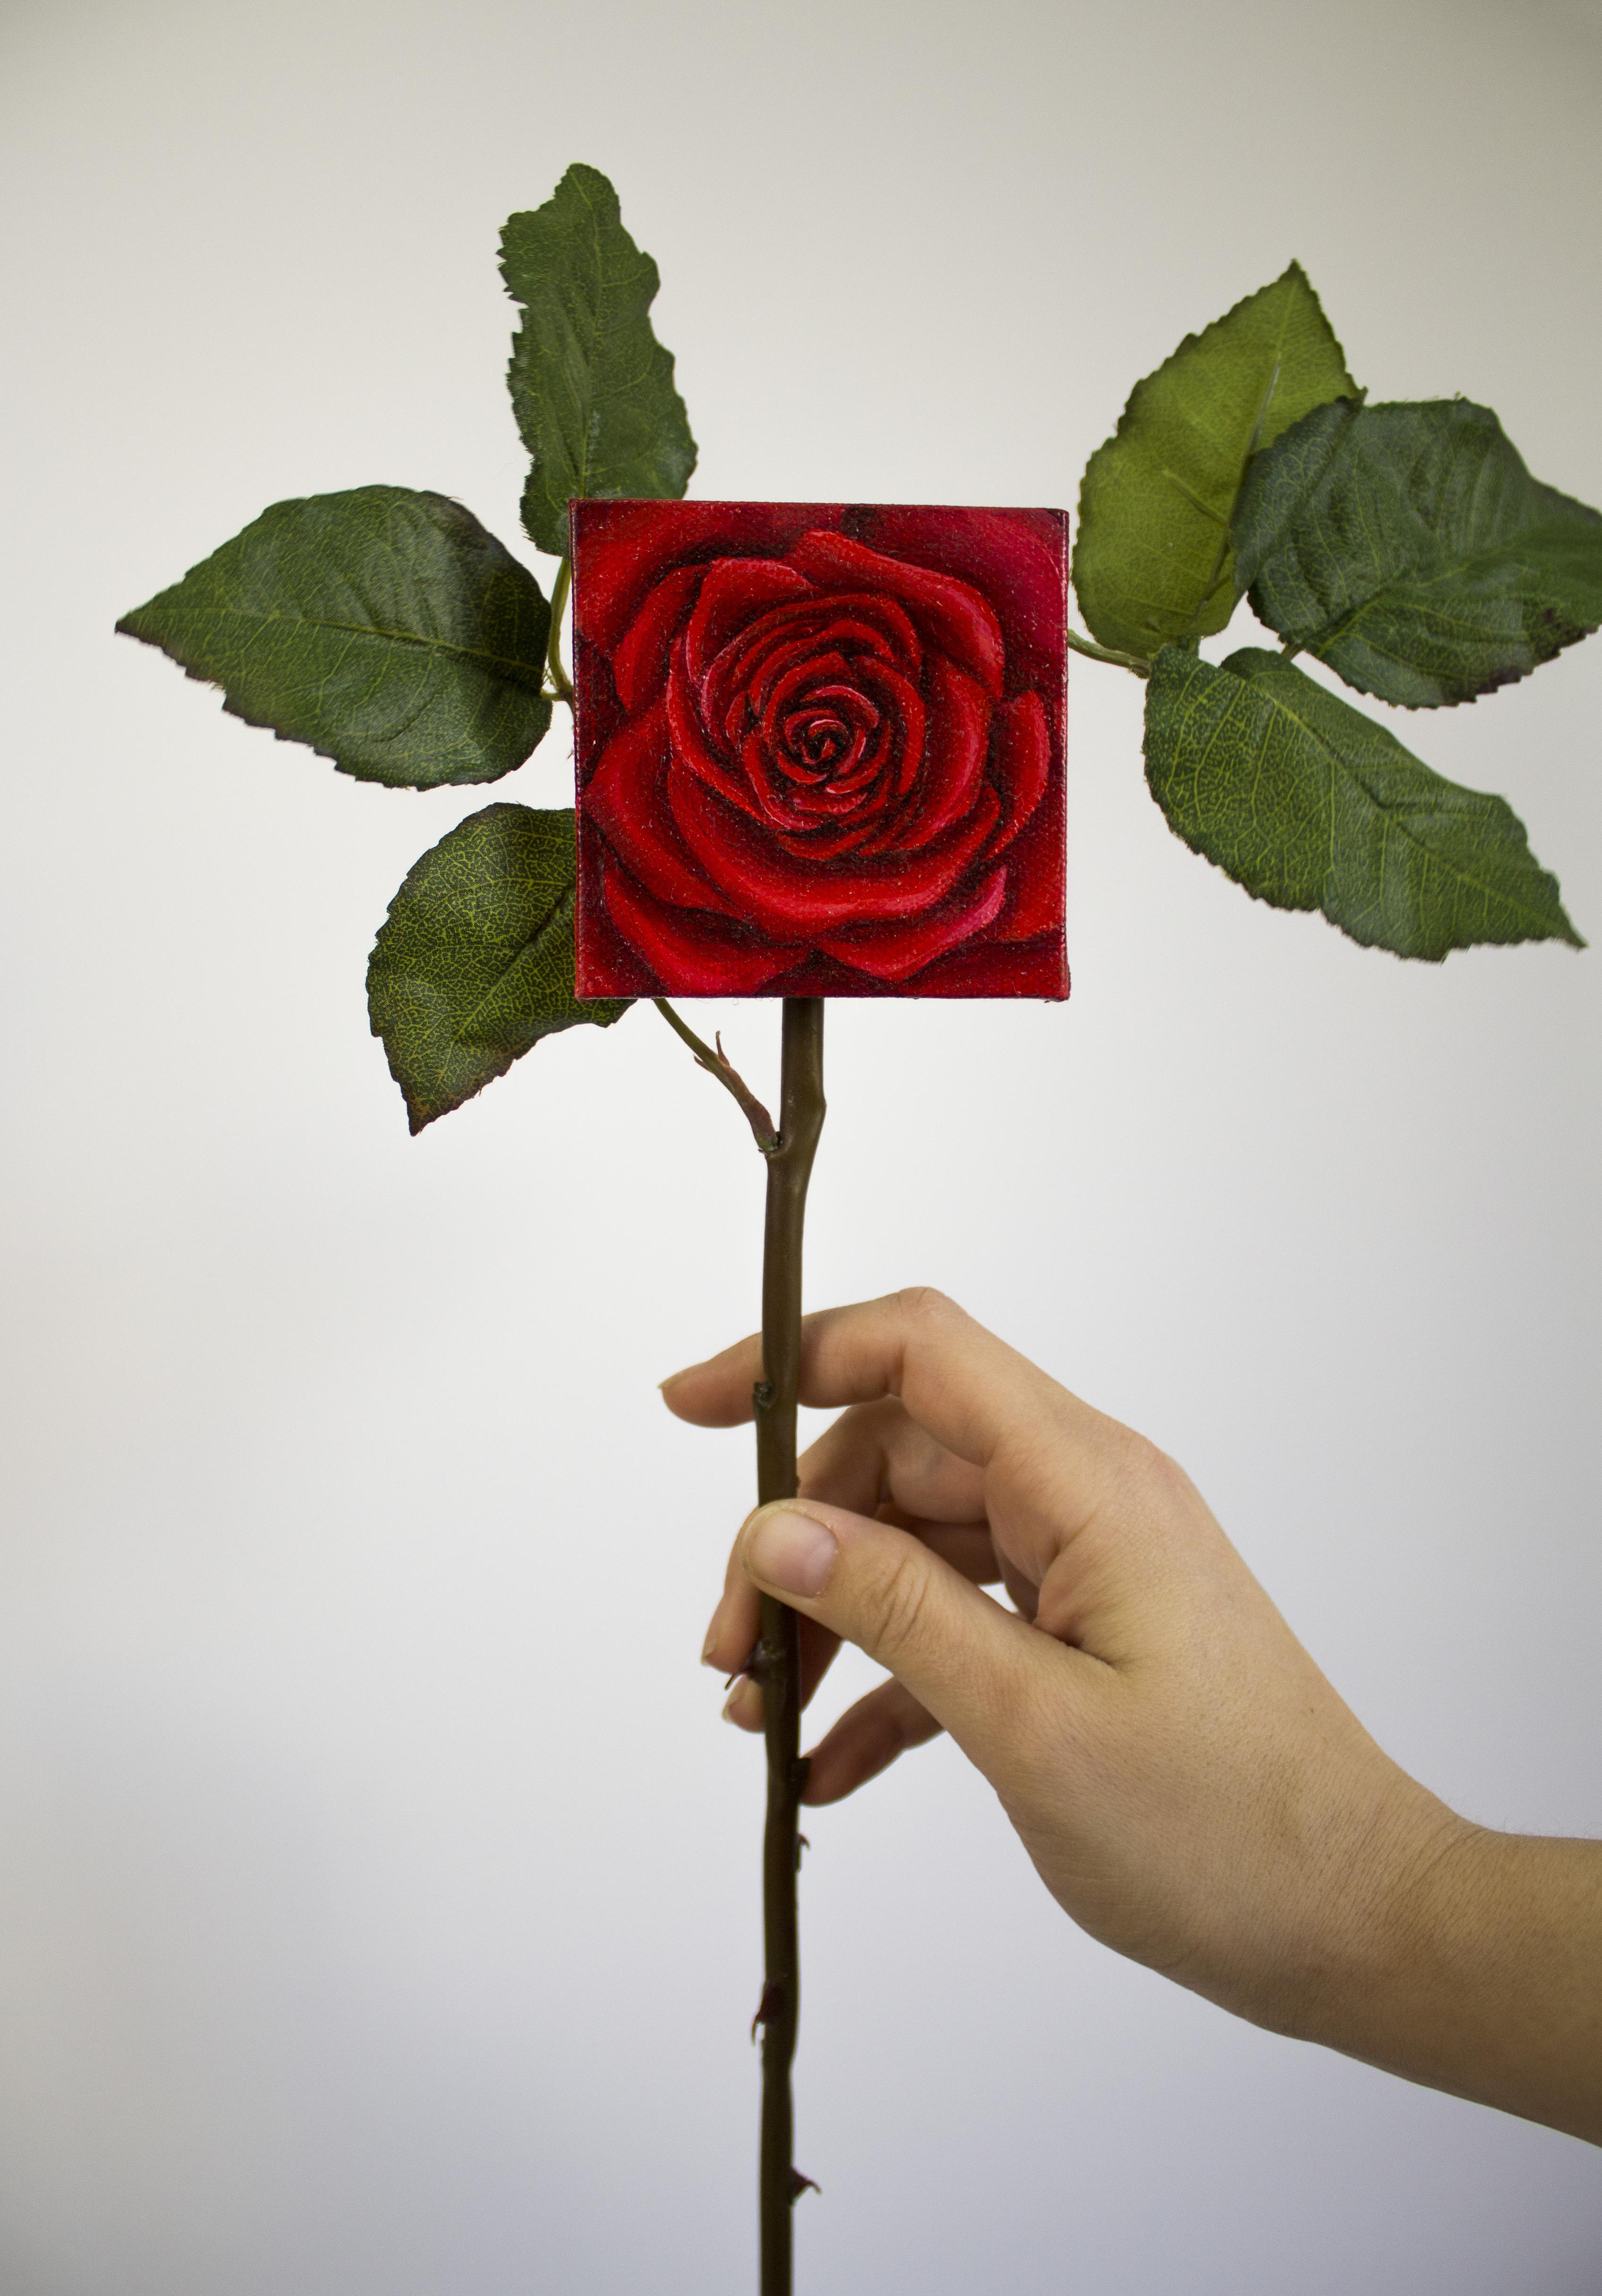 Forever Rose (Red) : $40 - $55